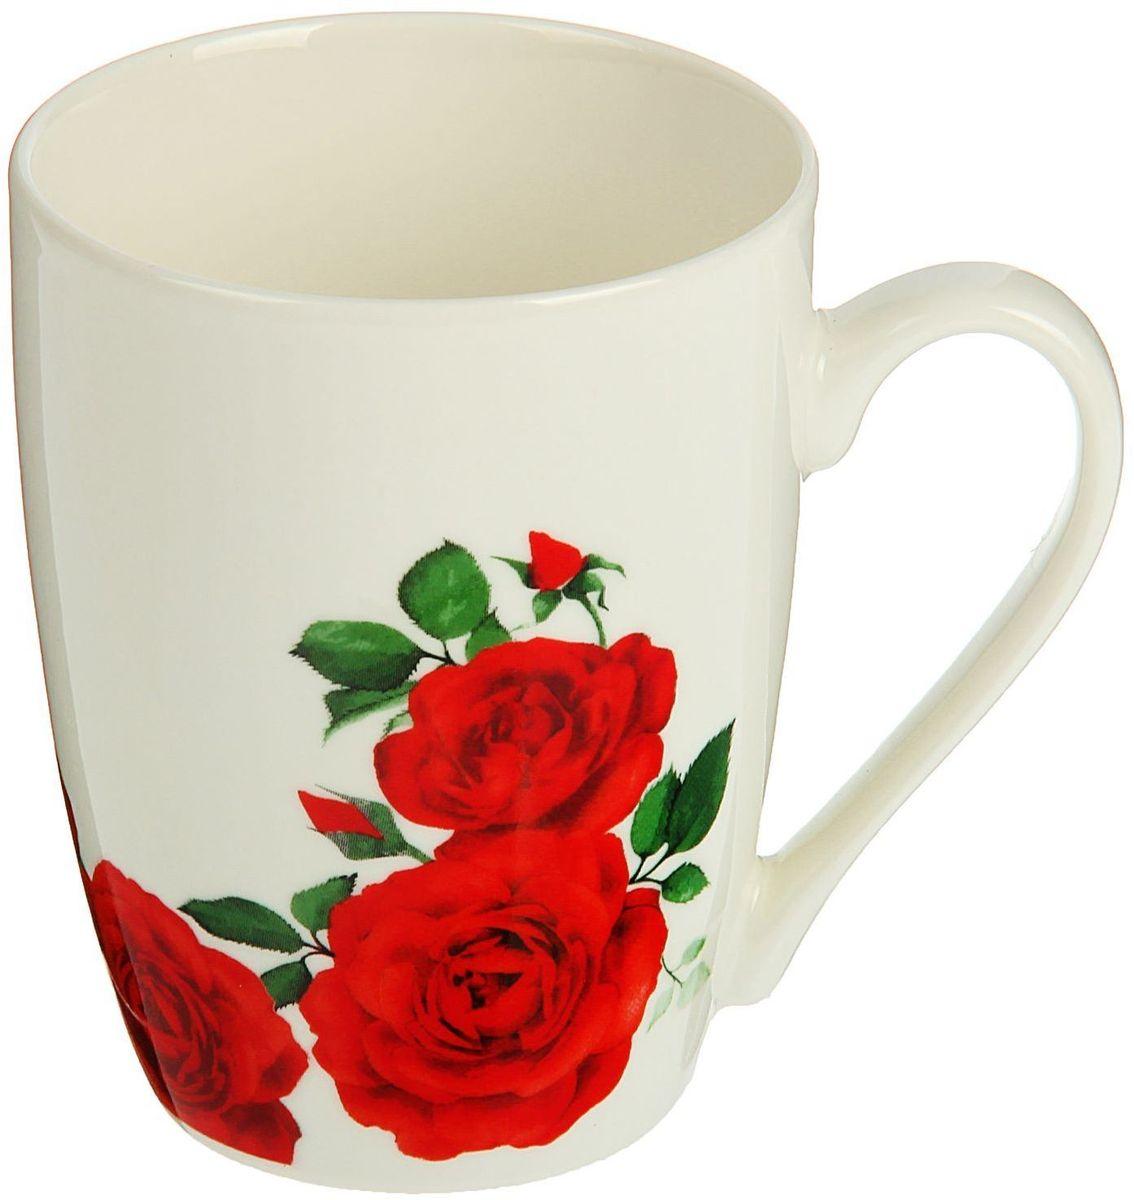 Кружка Доляна Розы, 350 мл1625287Кружка Доляна Розы выполнена из керамики. Хотите обновить интерьер кухни или гостиной? Устраиваете необычную фотосессию или тематический праздник? А может, просто ищете подарок для близкого человека? Кружка станет любимым аксессуаром на долгие годы. Относитесь к изделию бережно, и оно будет дарить прекрасное настроение каждый день!